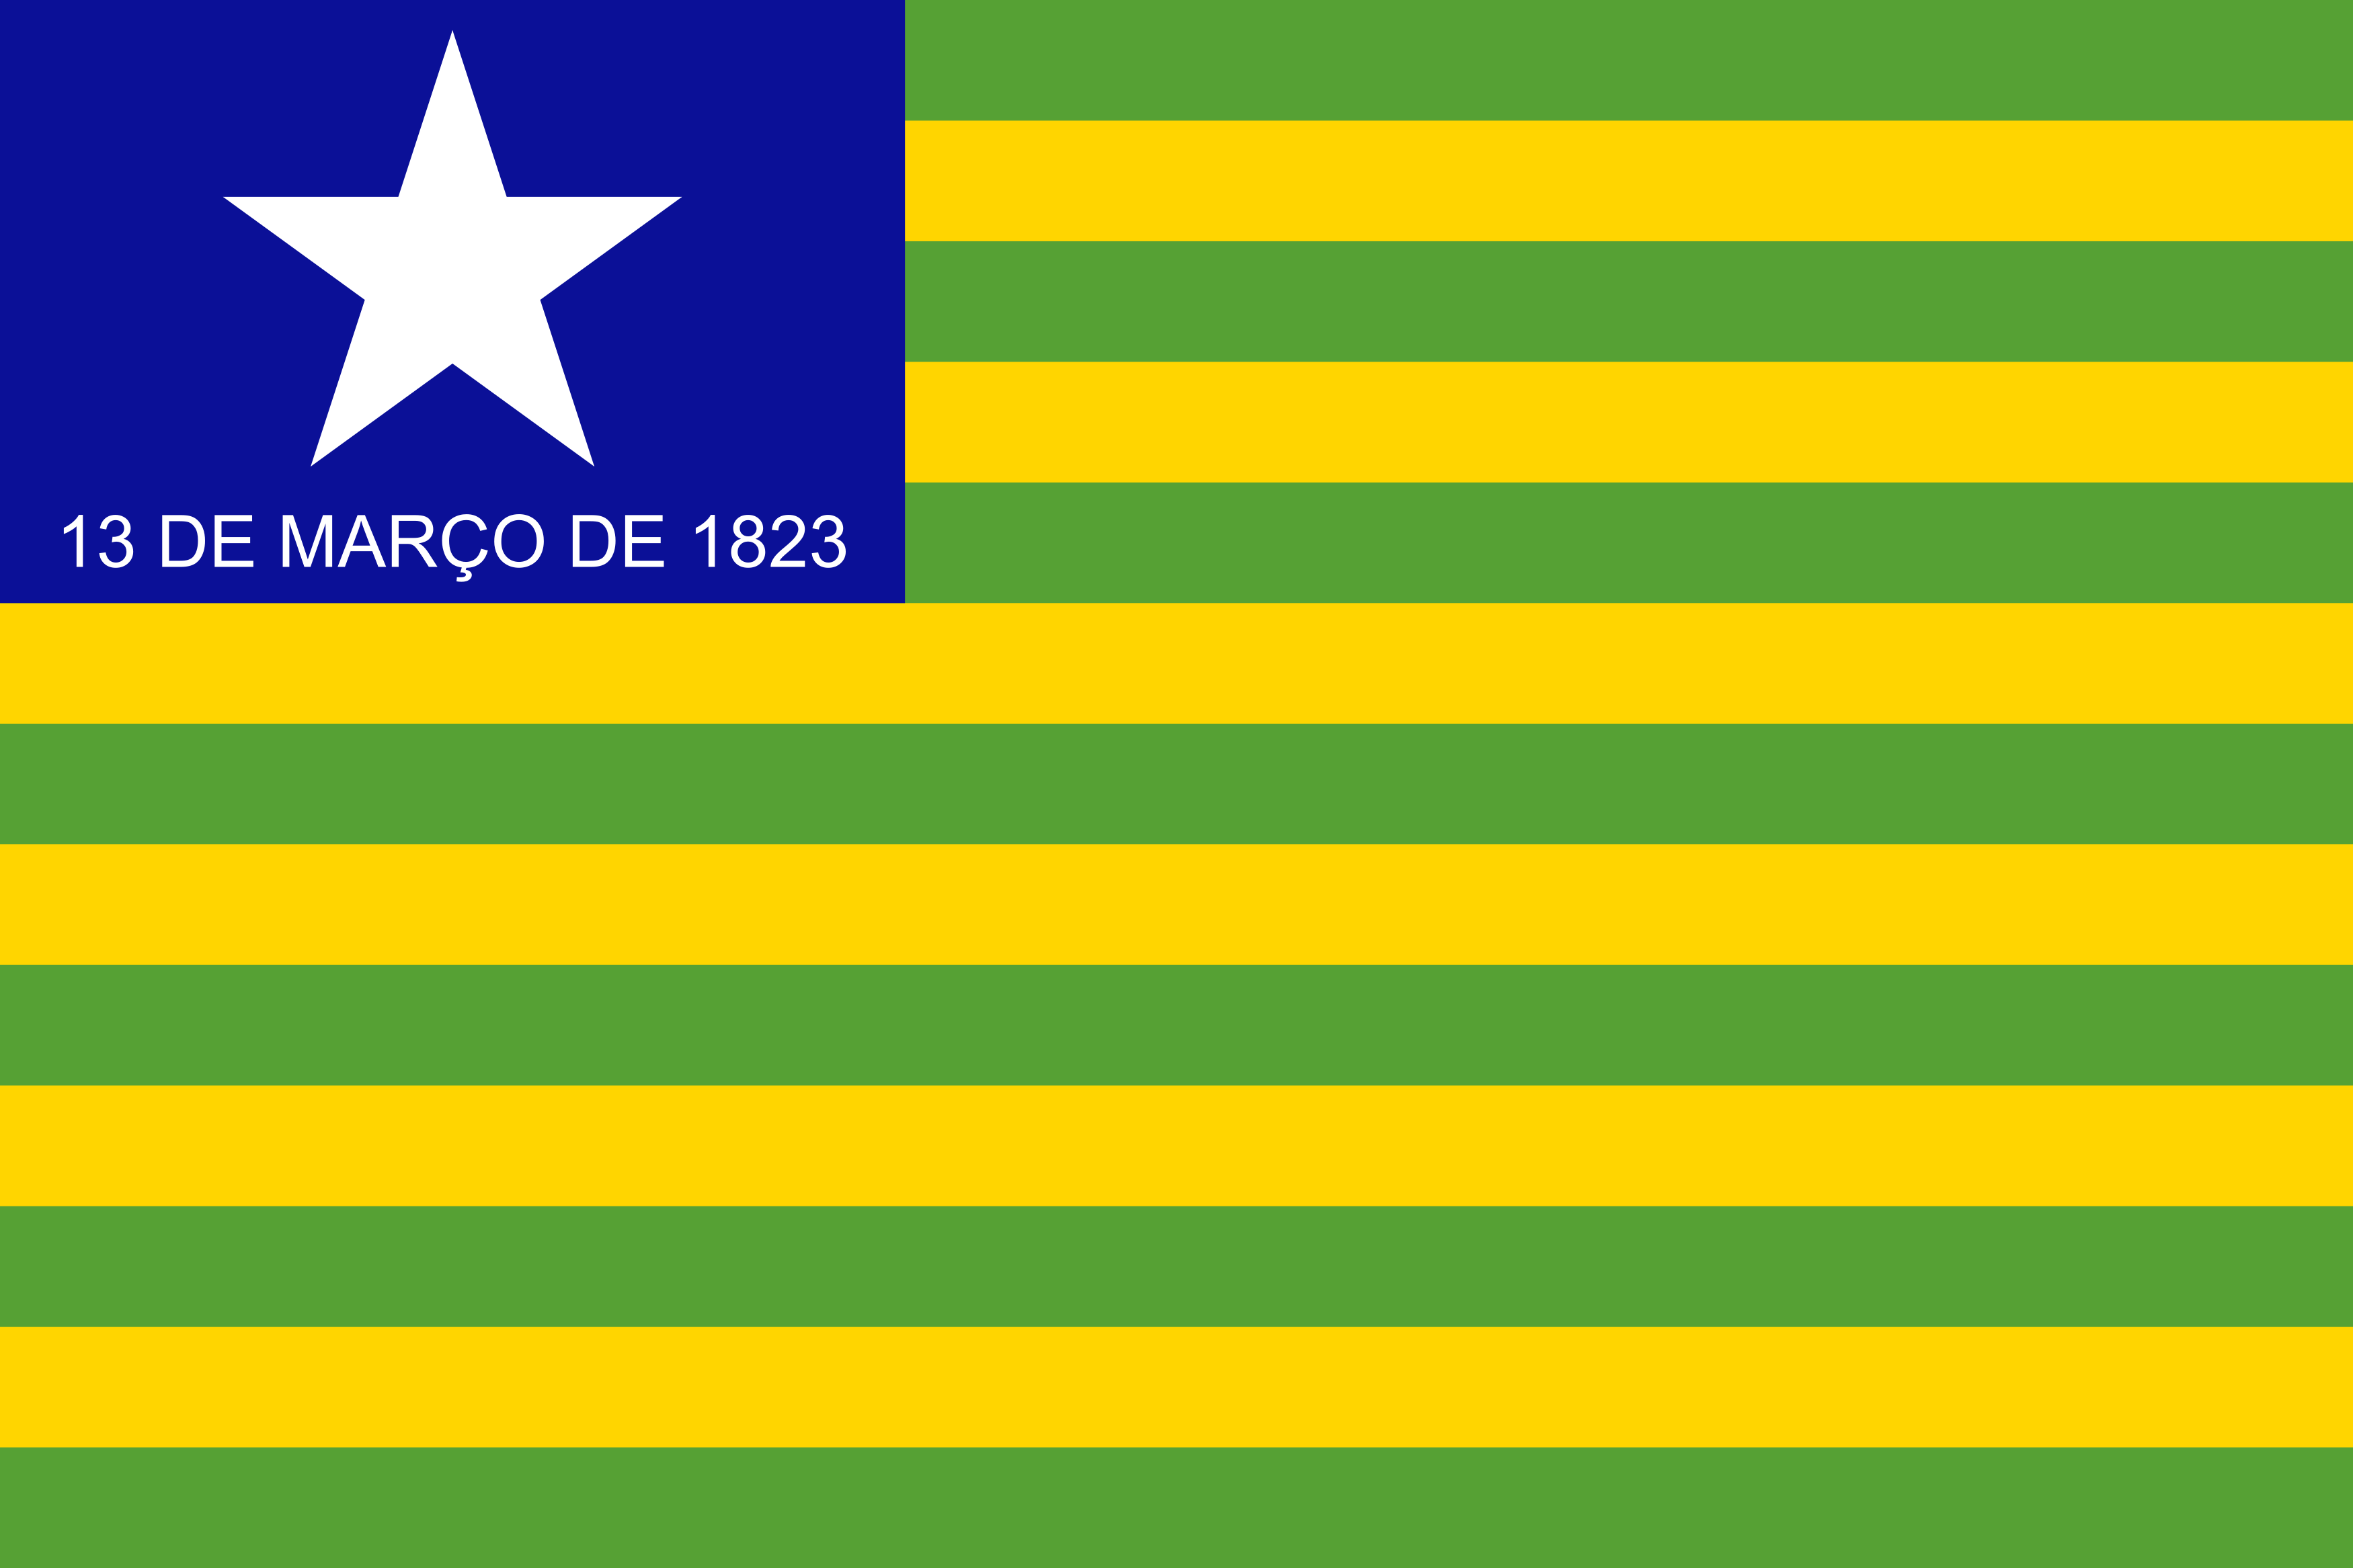 Bandeira do Piauí, estado.